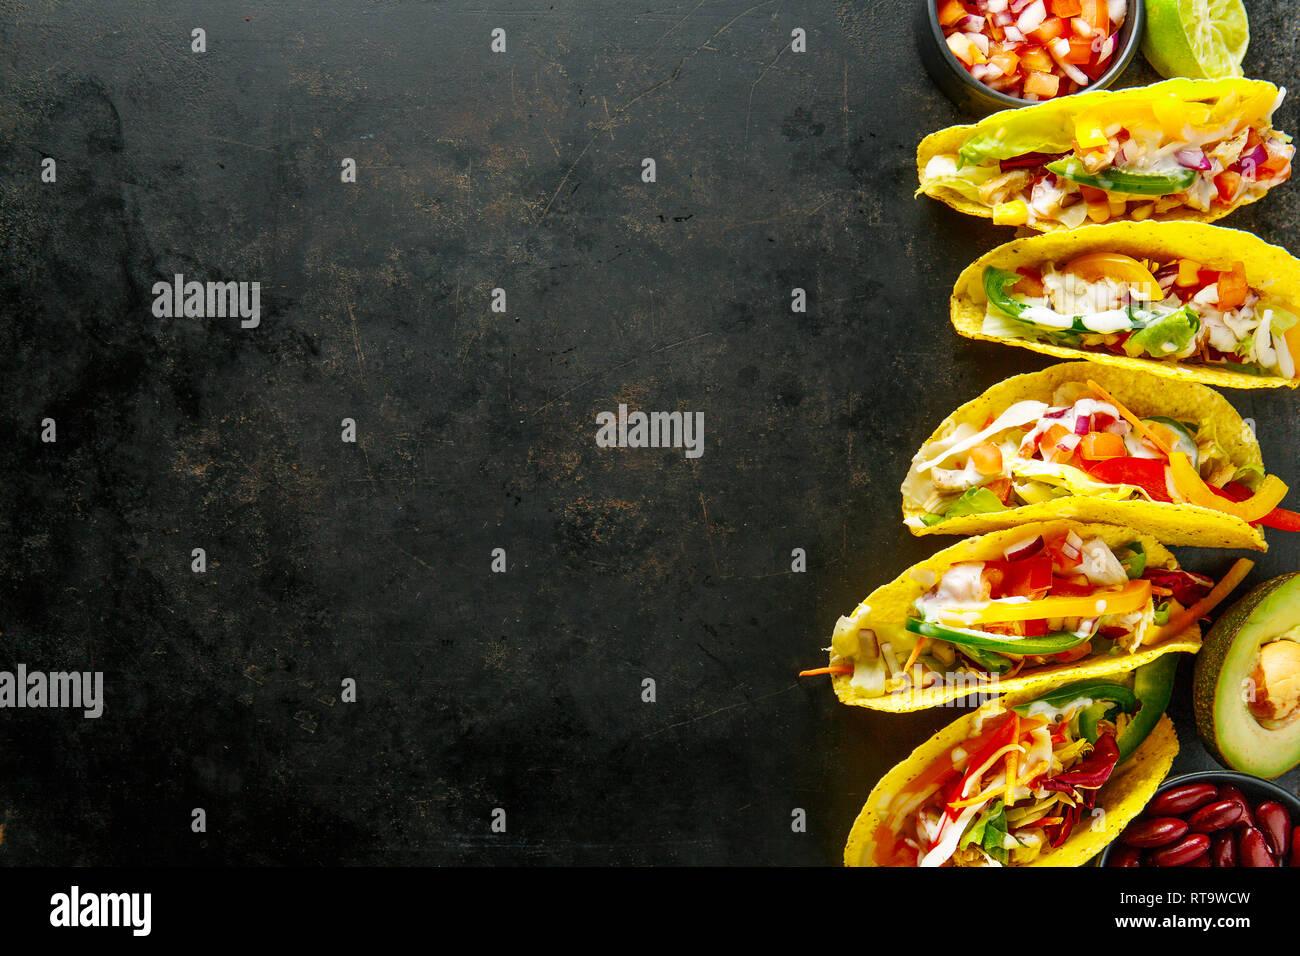 Sabroso apetitosos tacos con pollo, verduras y salsa servido sobre fondo oscuro. Vista superior con espacio de copia. Horizontal. Foto de stock